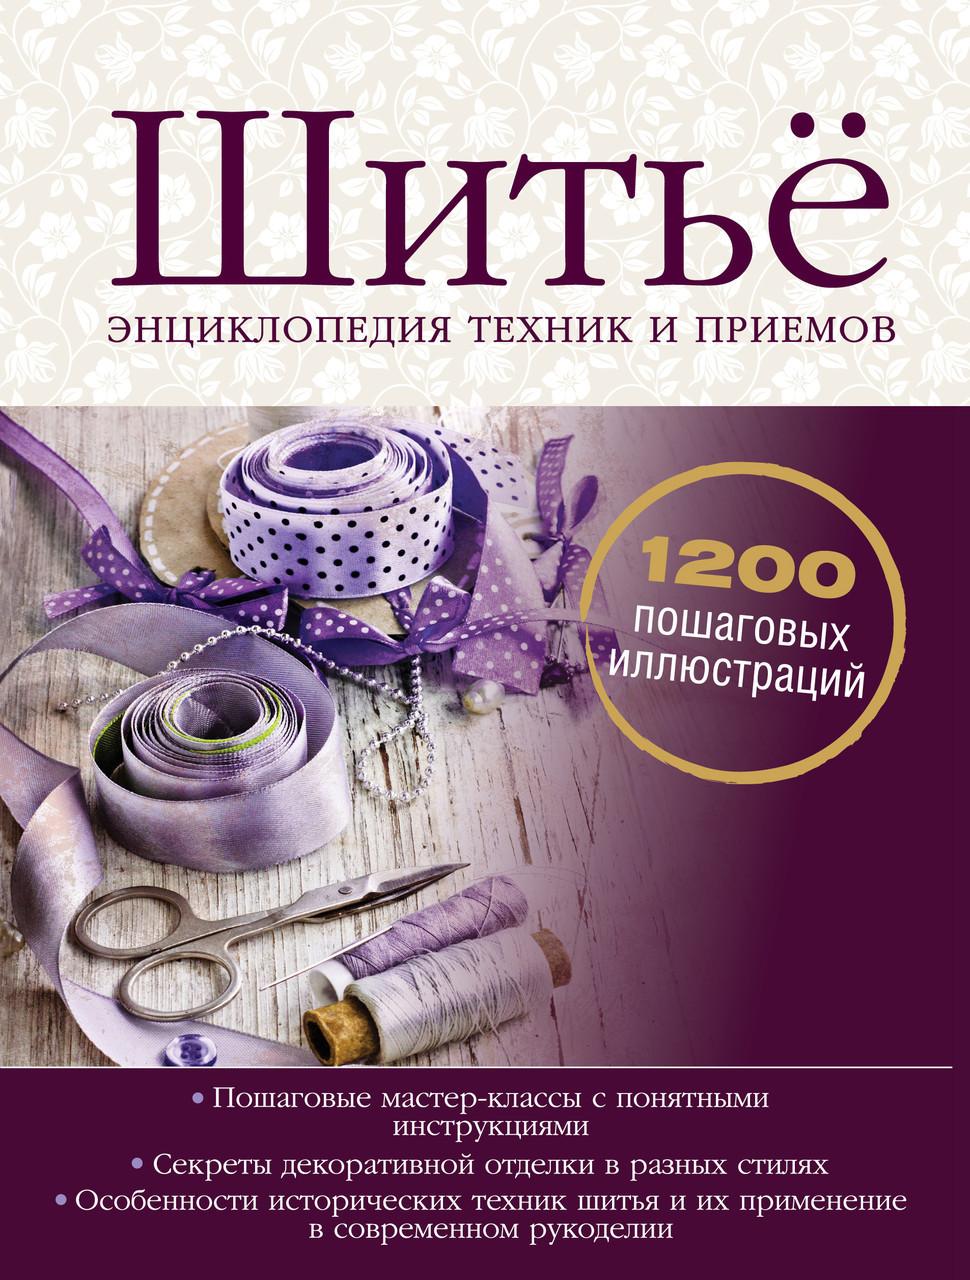 Зингер Р. Шитьё. Энциклопедия техник и приемов